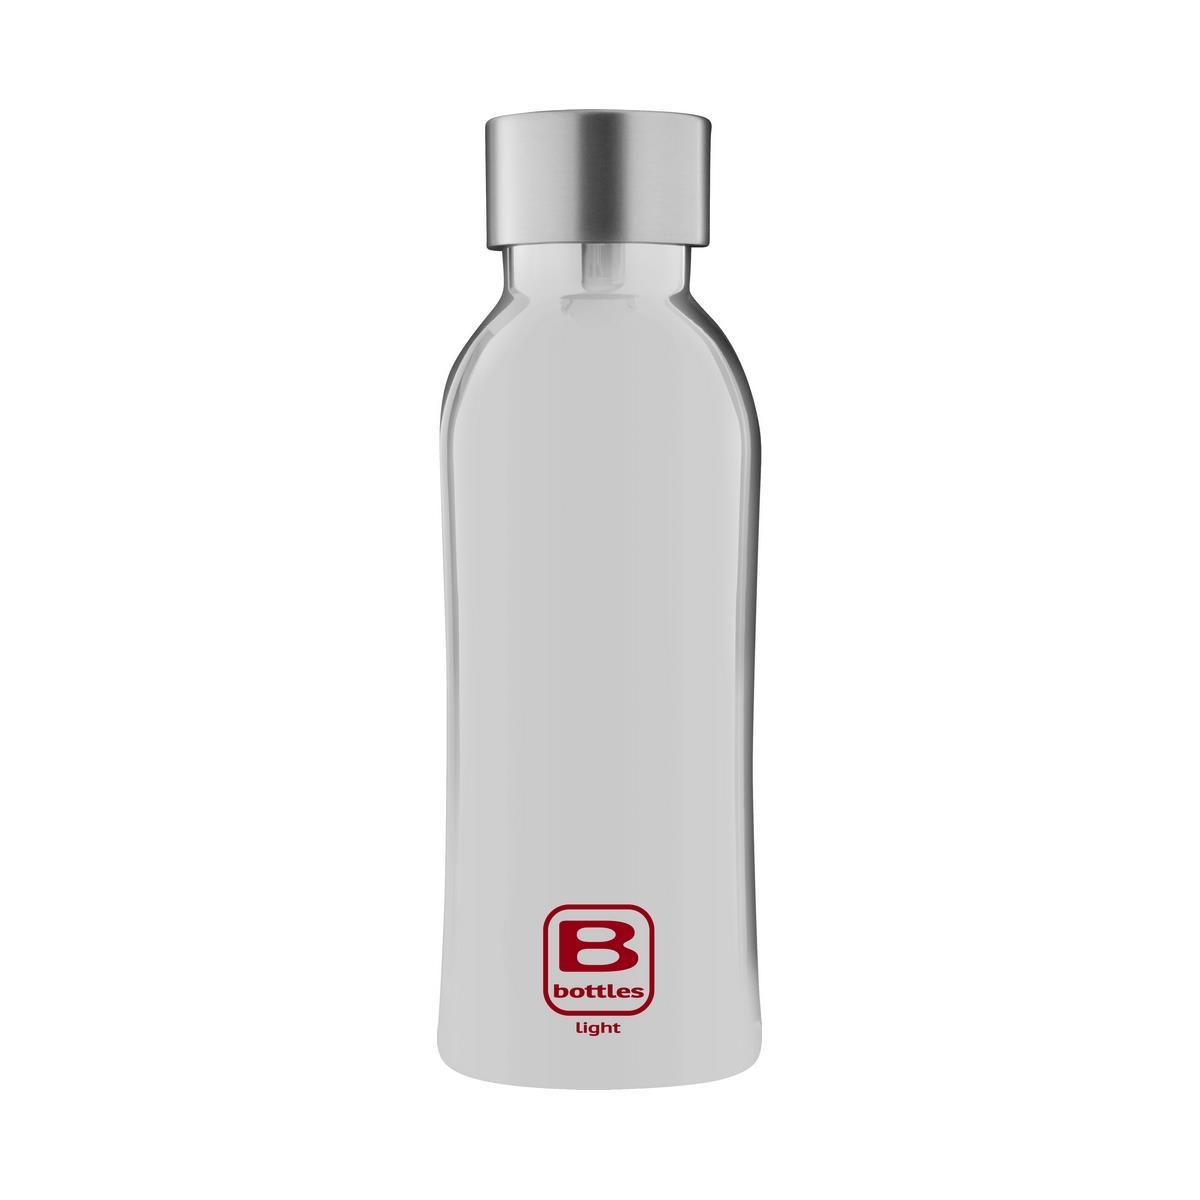 B Bottles Light - Silver Lux - 530 ml - Bottiglia in acciaio inox 18/10 ultra leggera e compatta